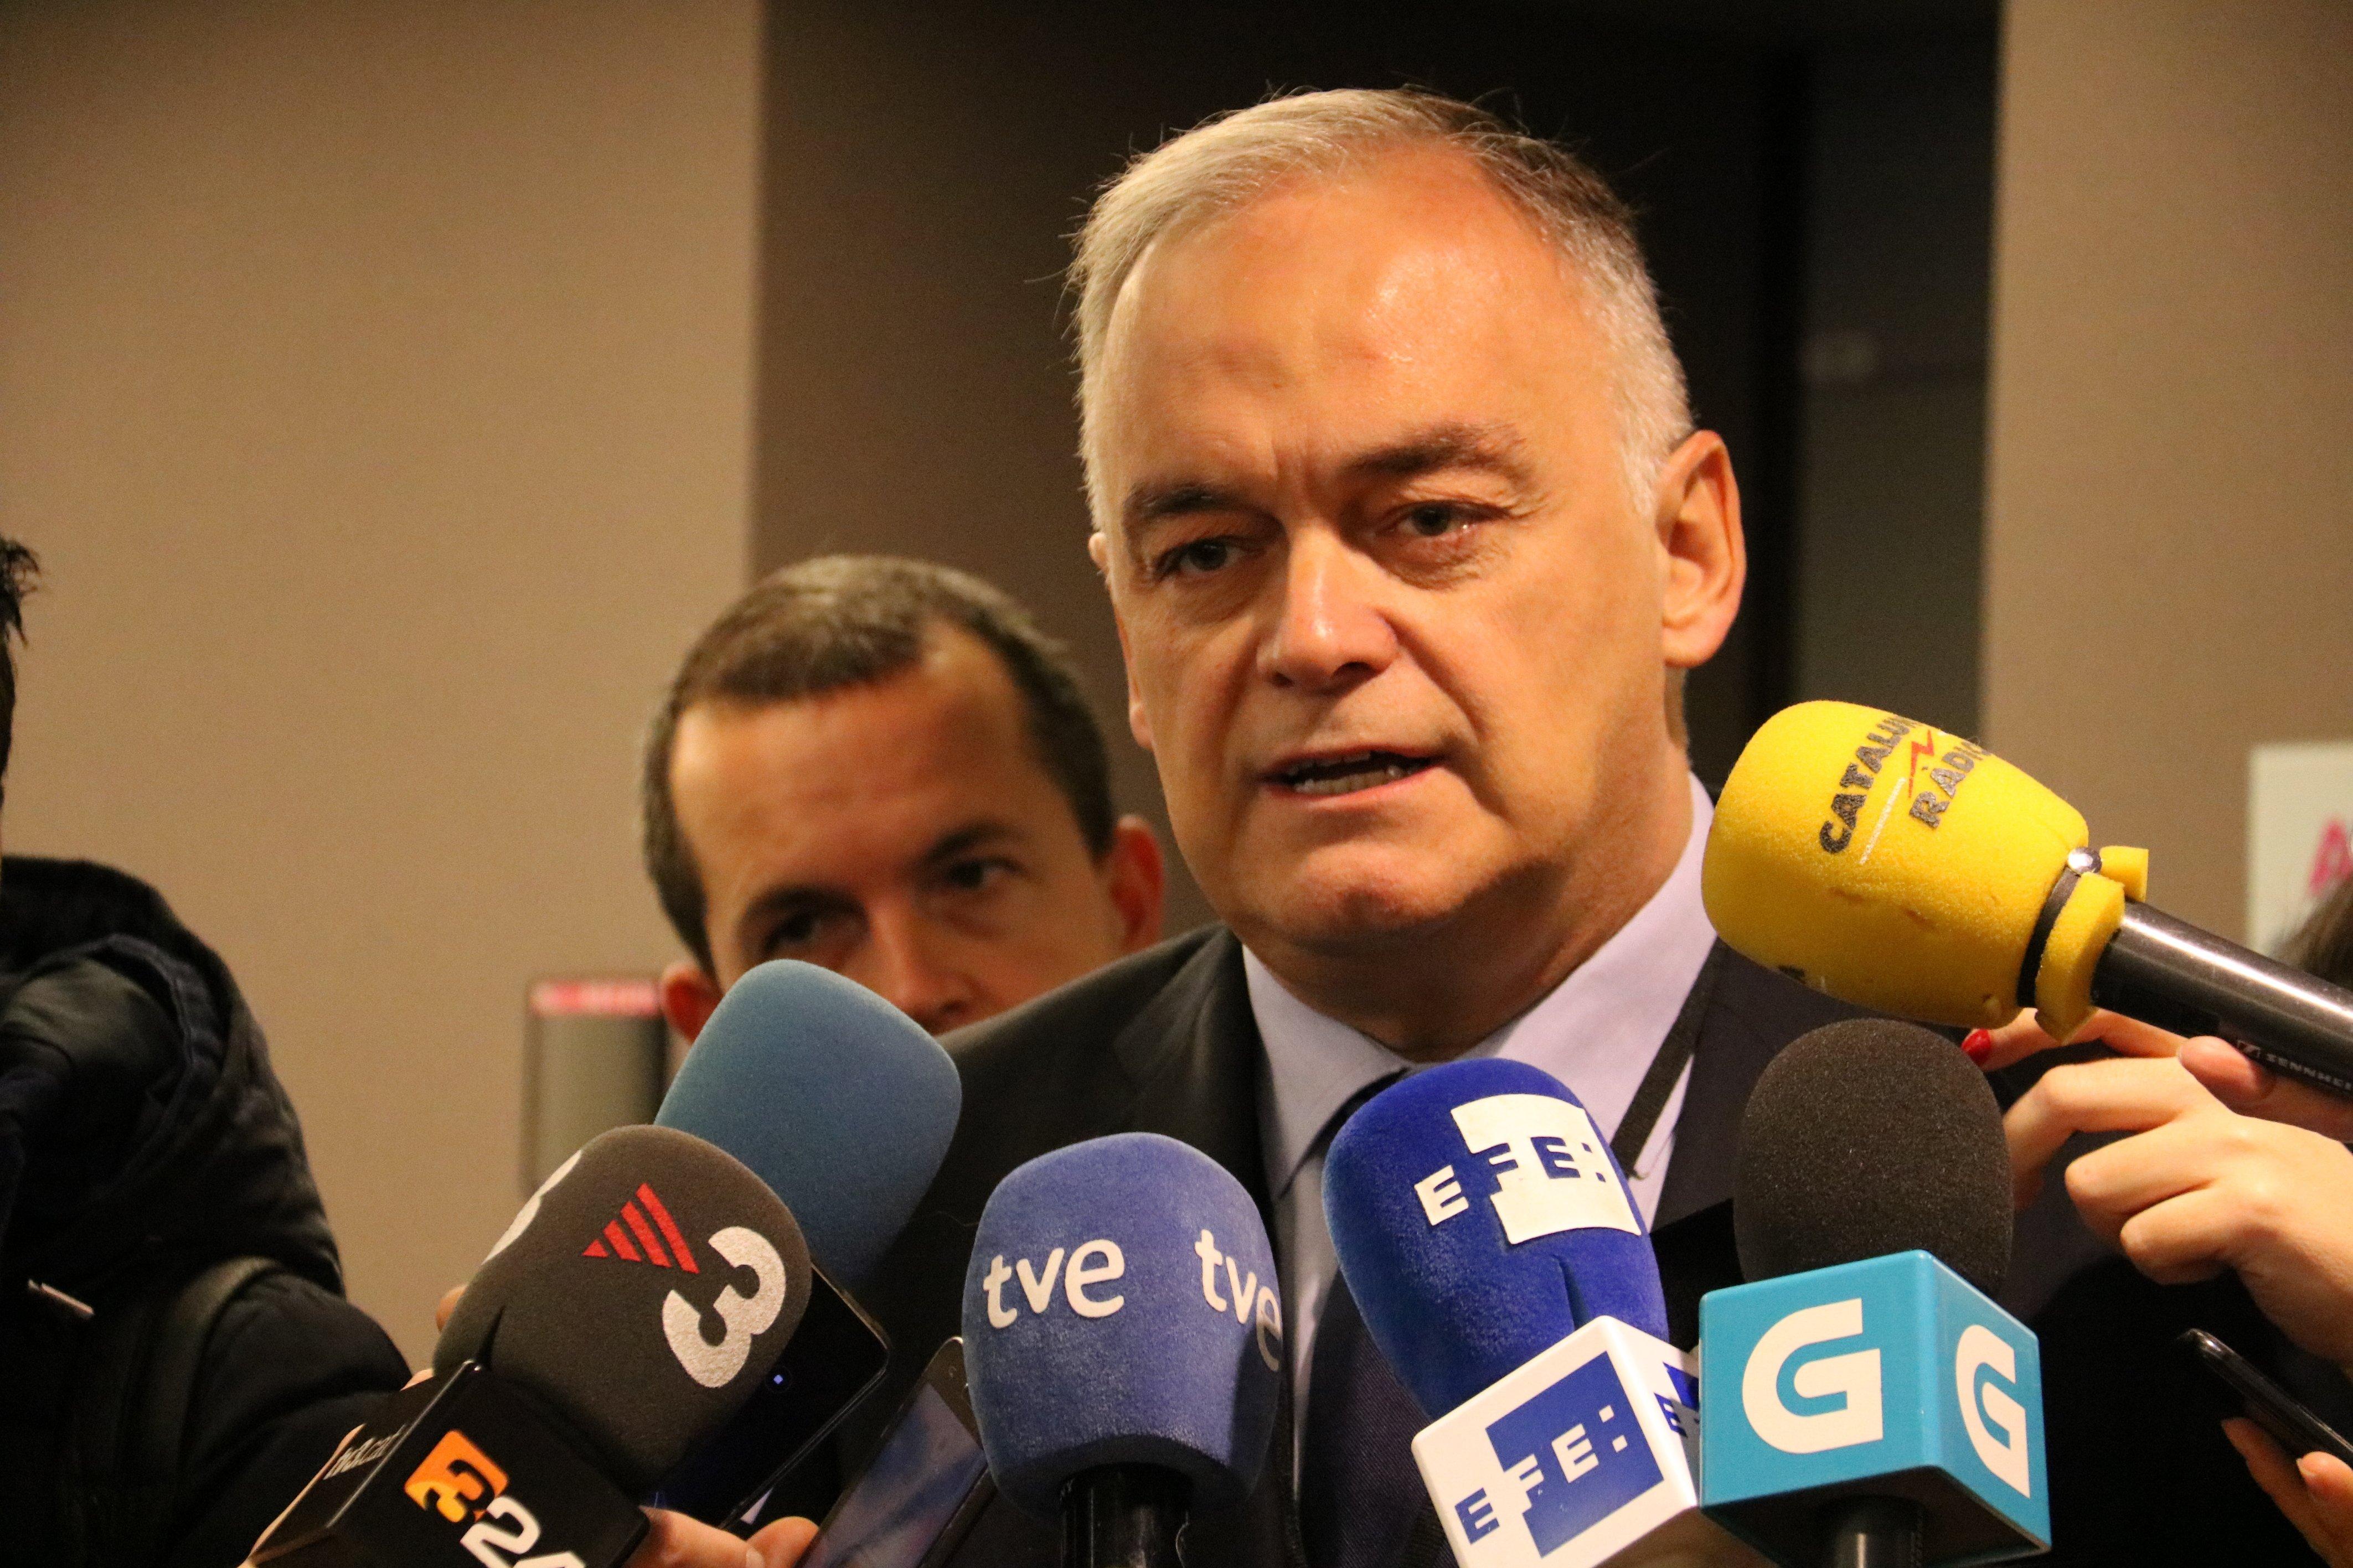 El cap de files del PP a l'Eurocambra, Esteban González Pons acn